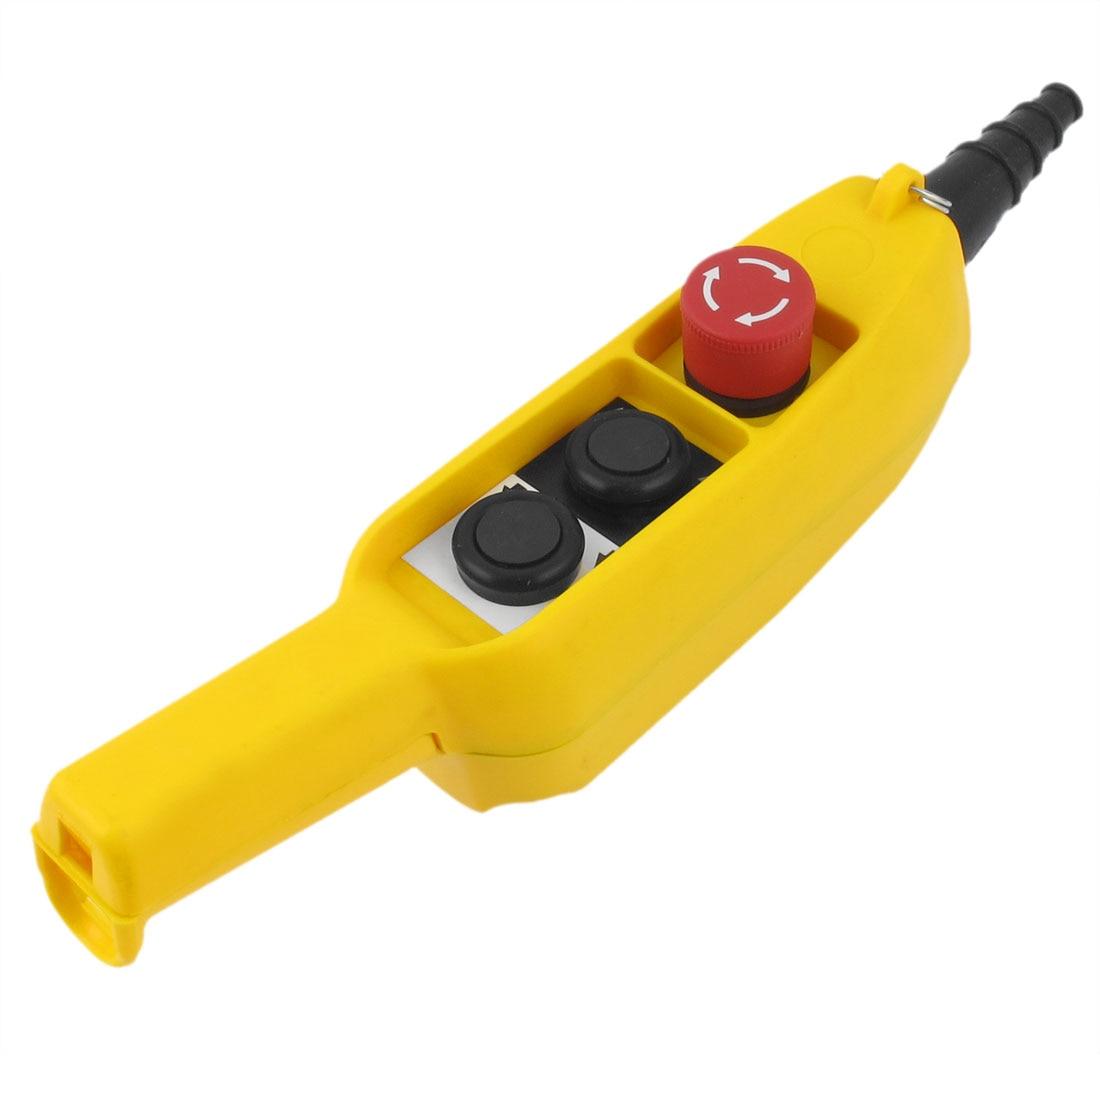 Interrupteur à bouton poussoir anti-pluie pour le contrôle de la grue de levage